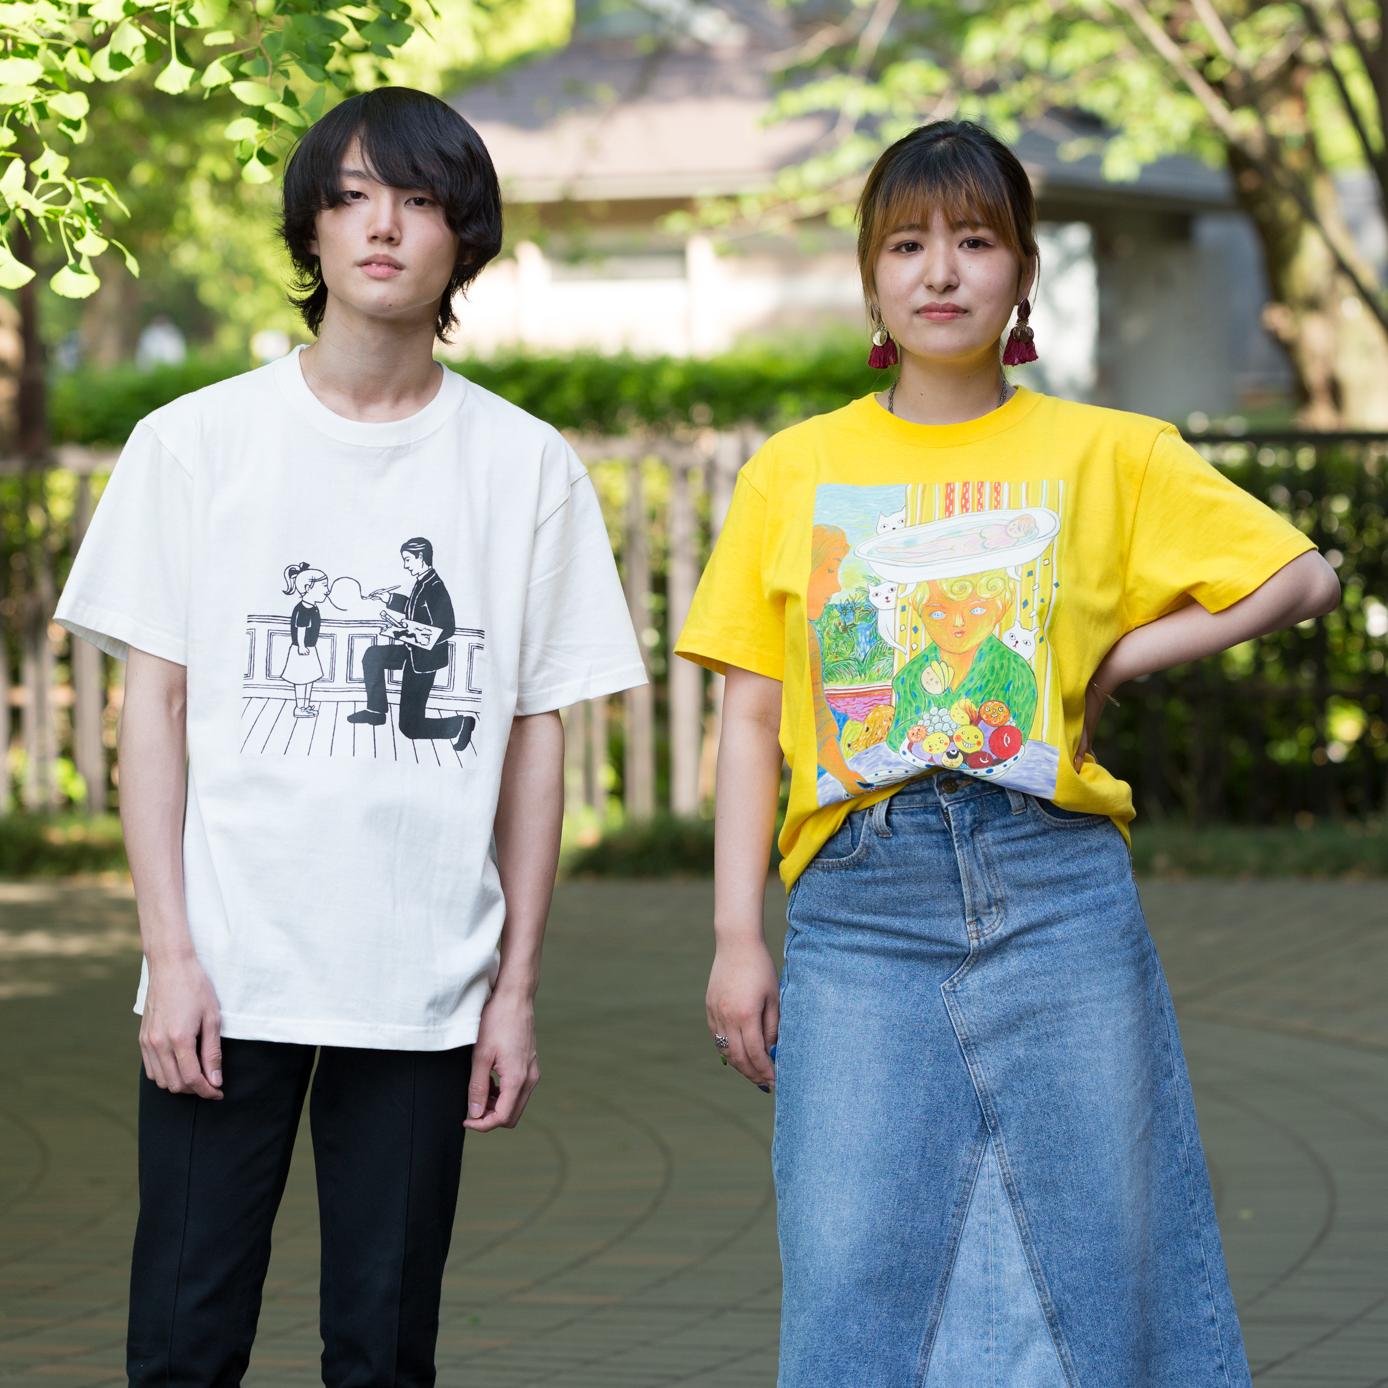 クリエイターズプロジェクト【ART 001-T-shirts】好評販売中